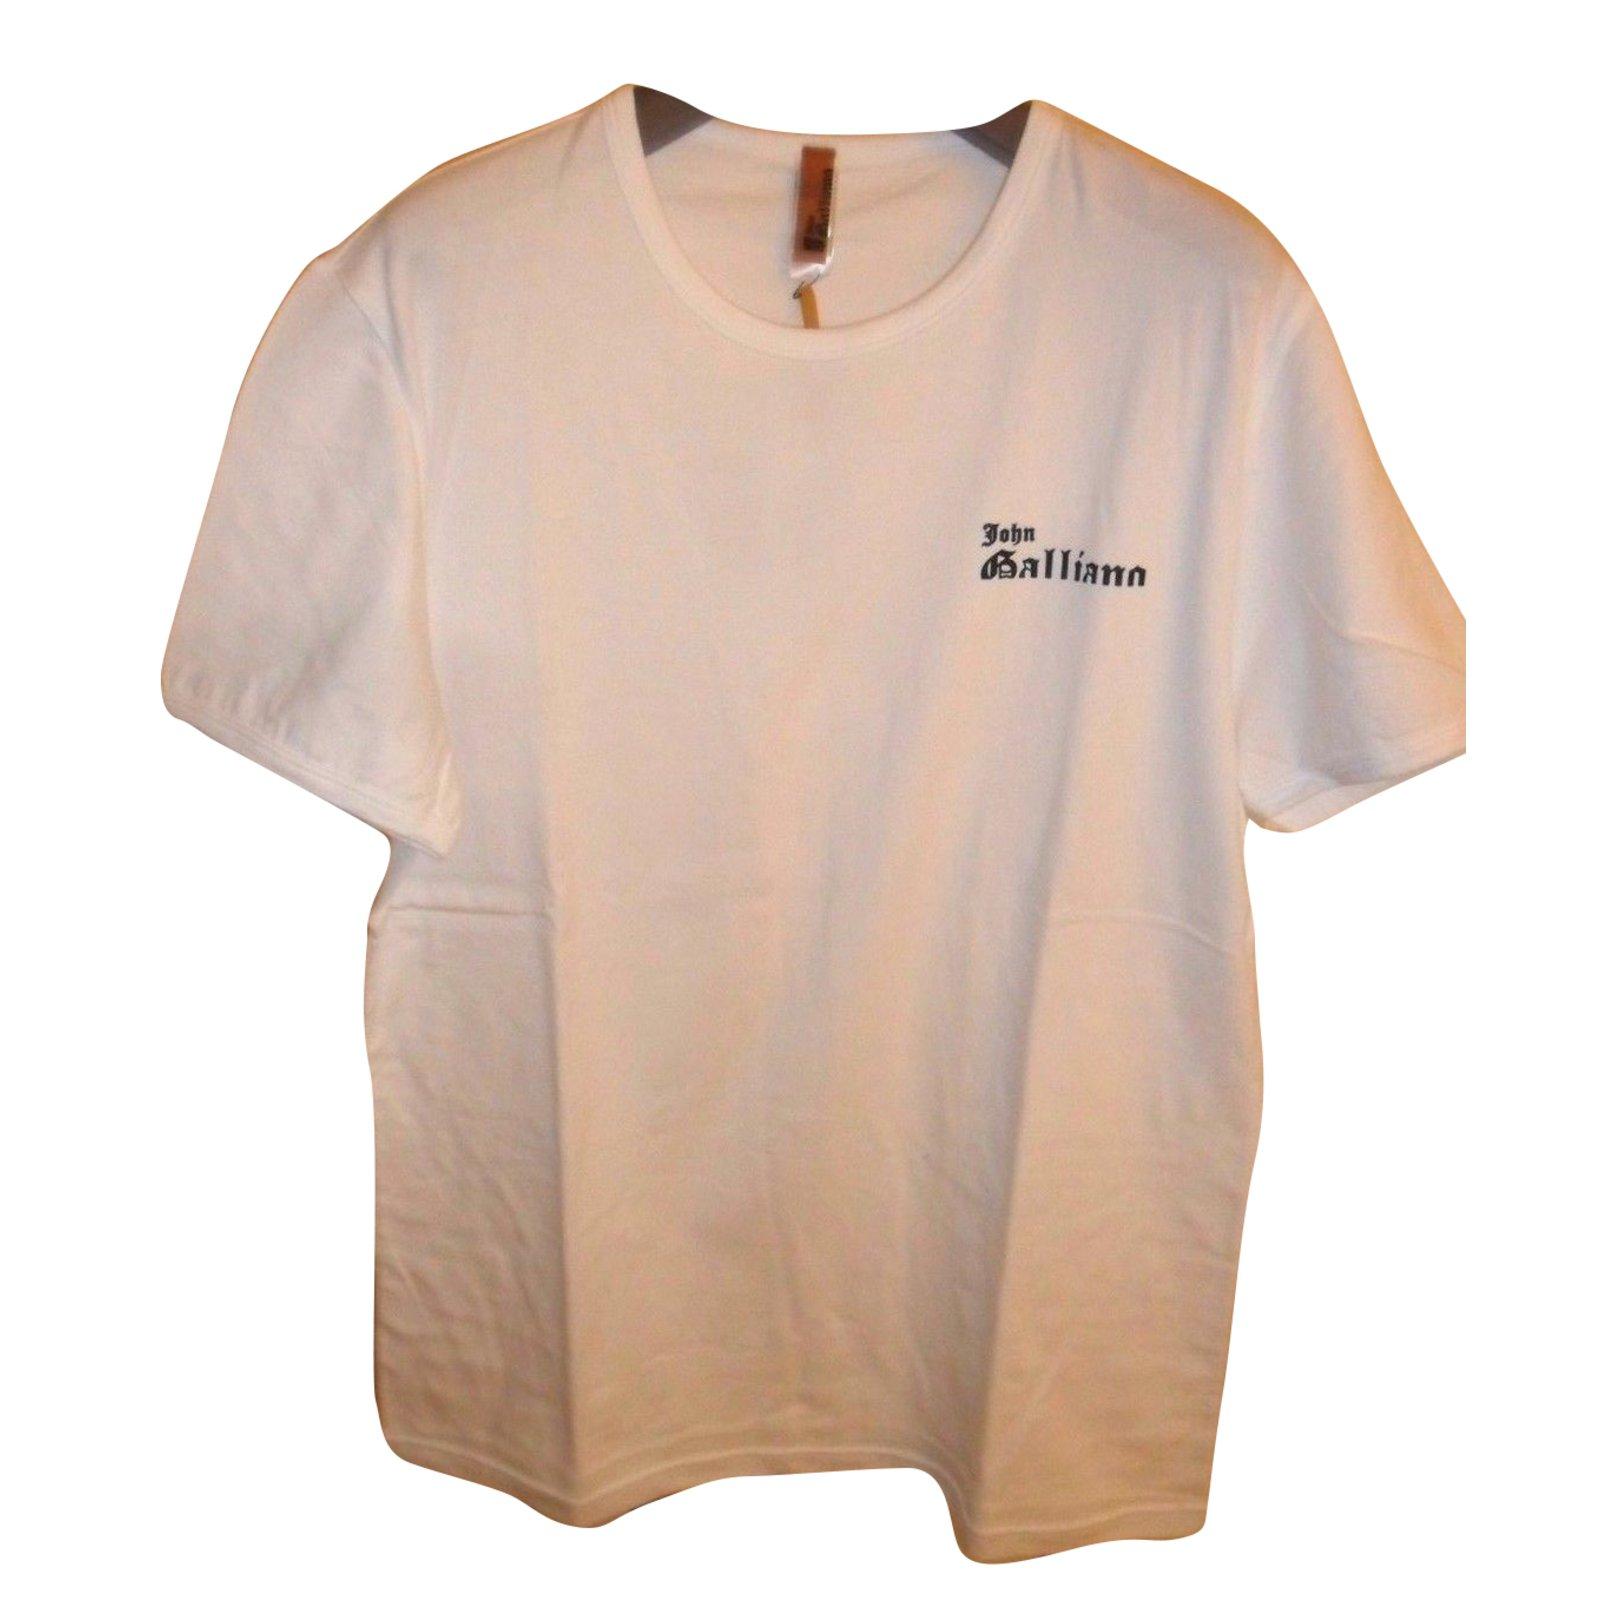 T shirt white colour - John Galliano John Galliano Bnwt Men S Crew Neck T Shirt White Color Tees Cotton White